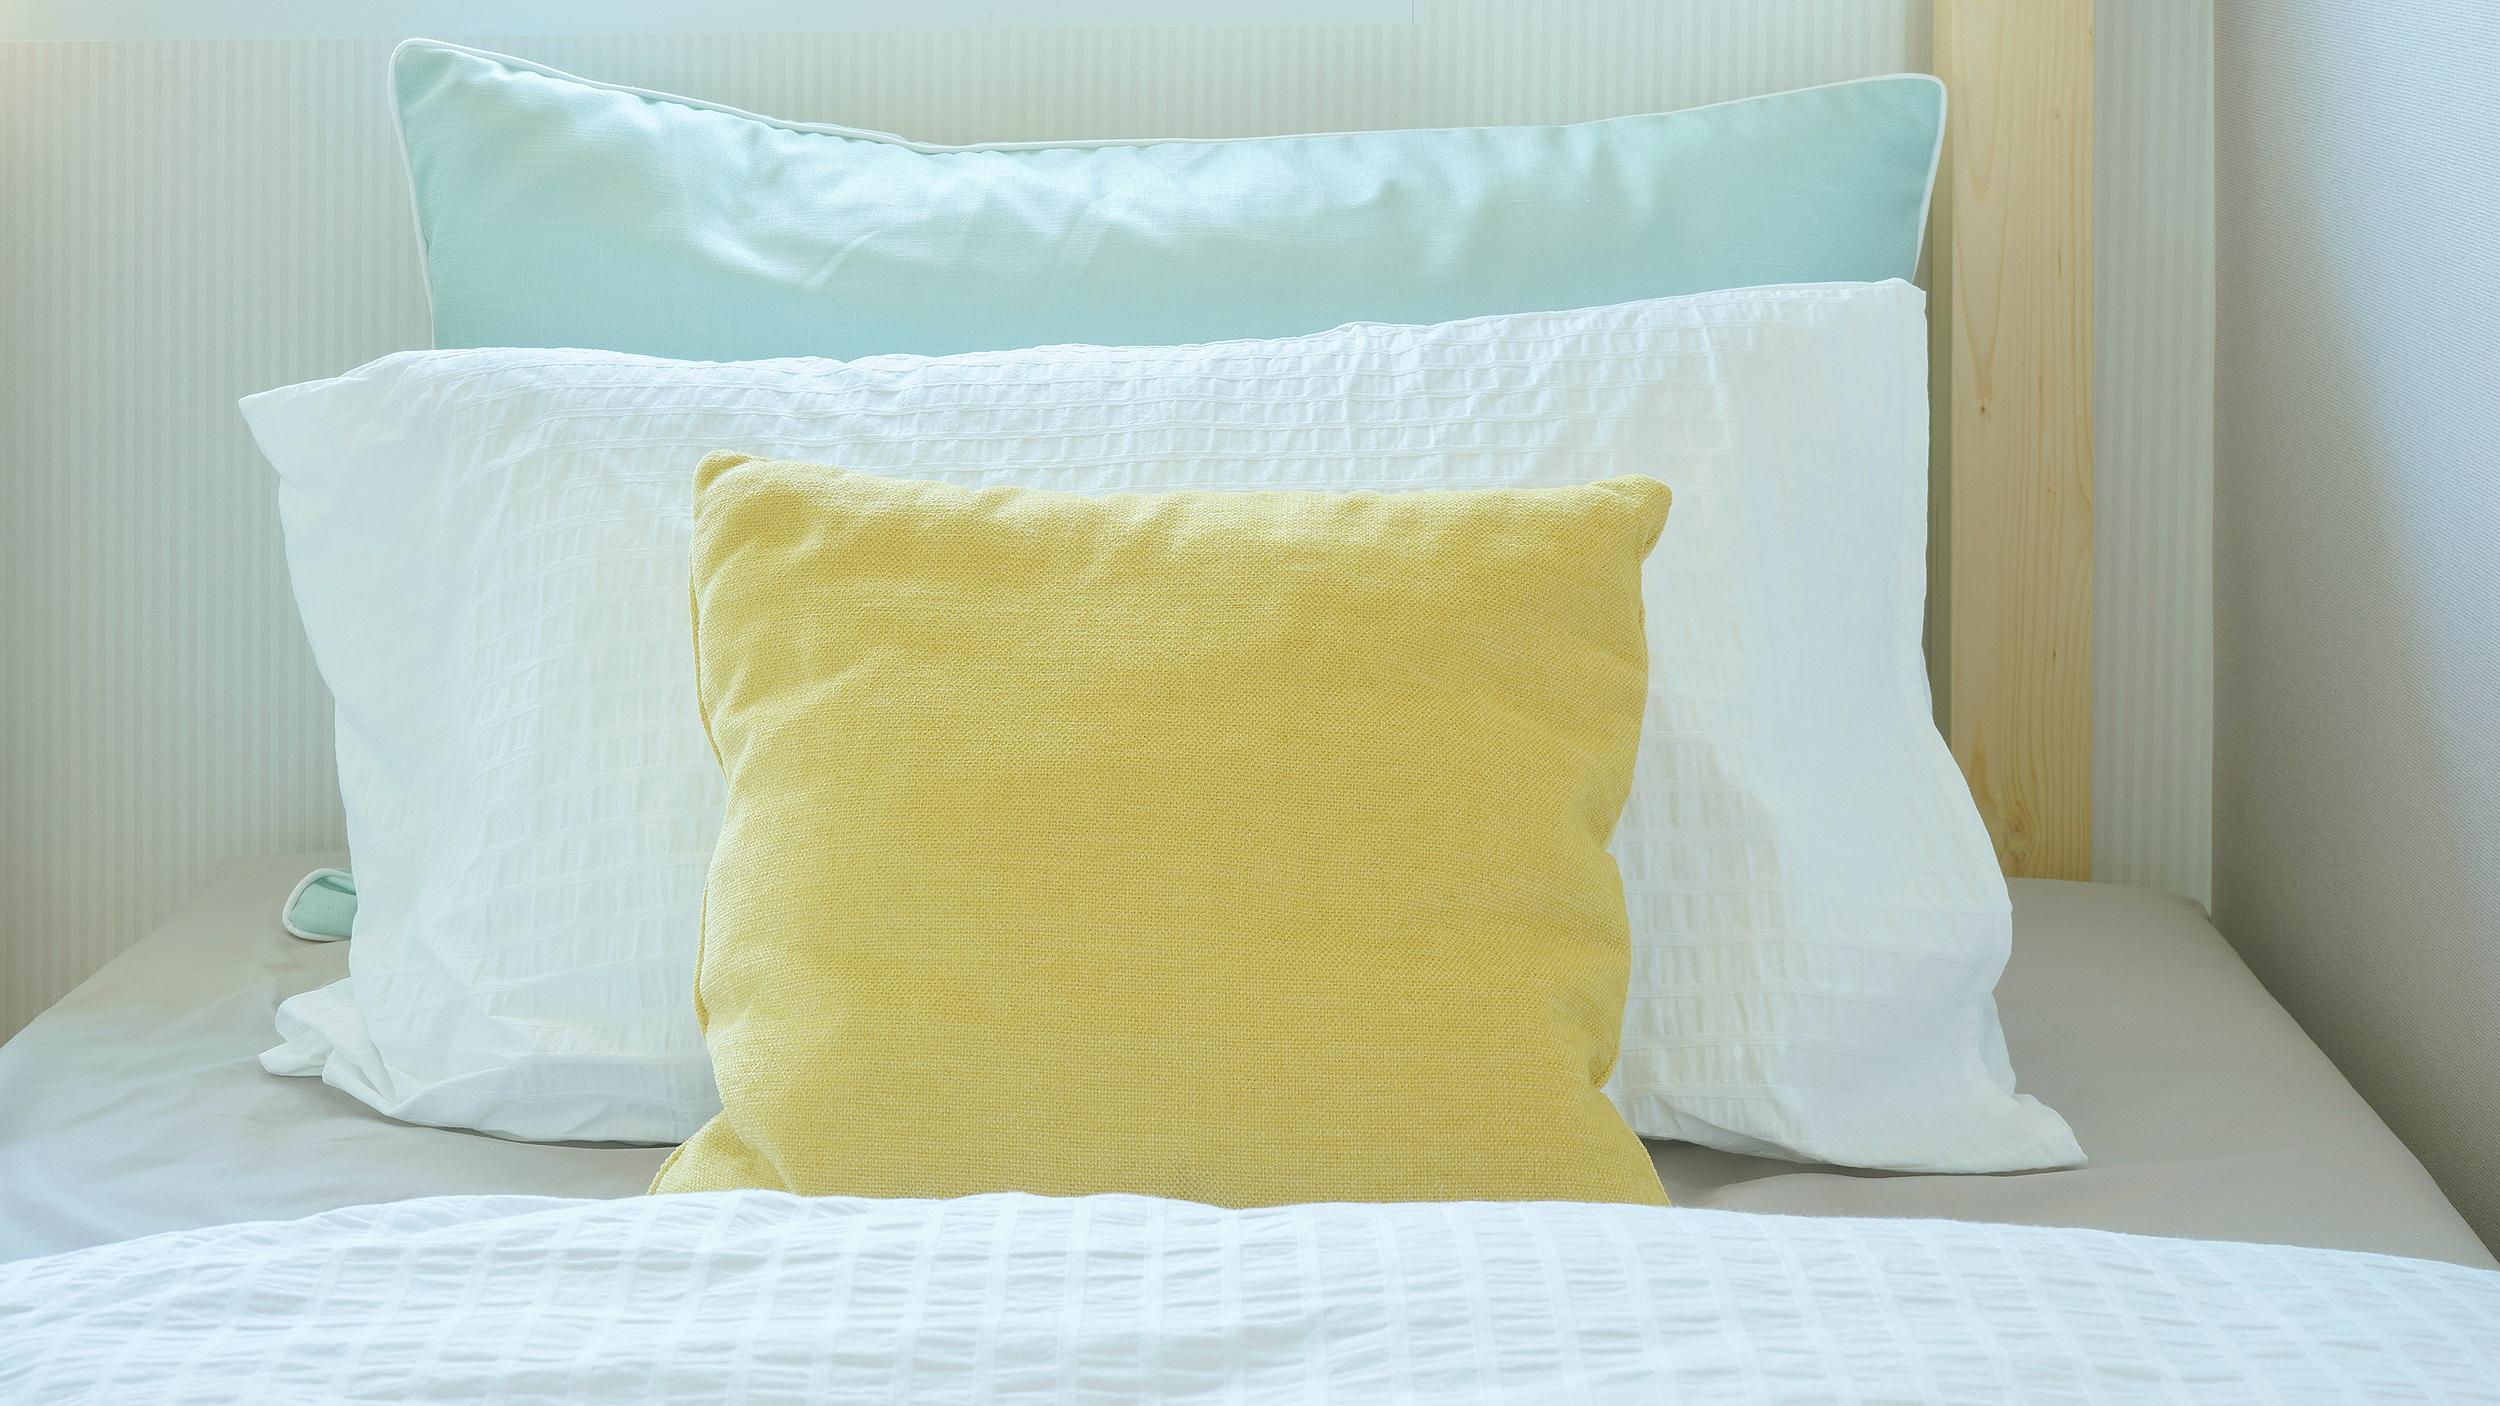 REST_bed-pillows.jpg